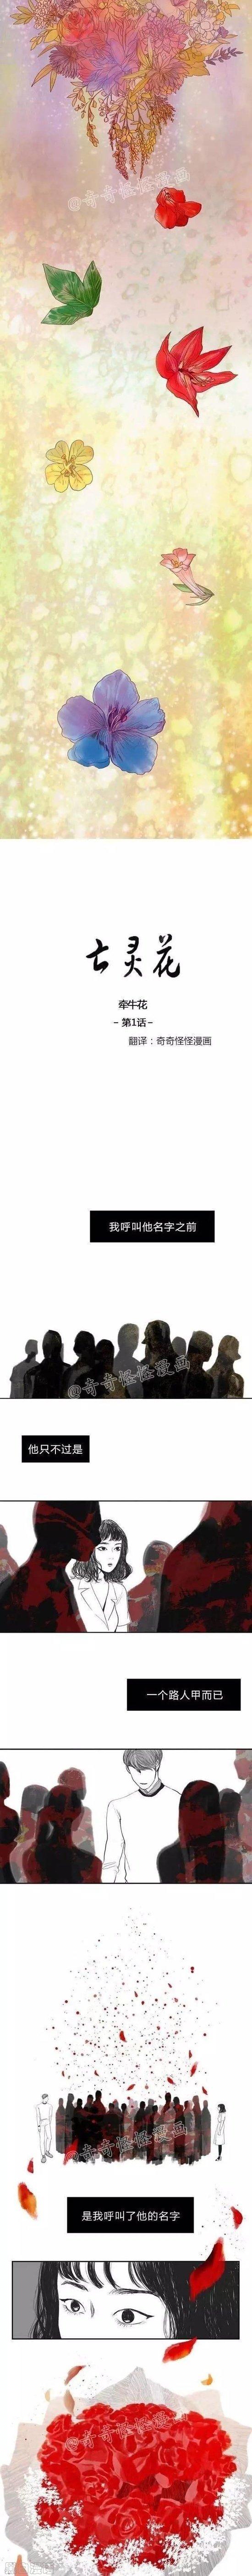 僵尸王漫画:韩国恐怖漫画《牵牛花》